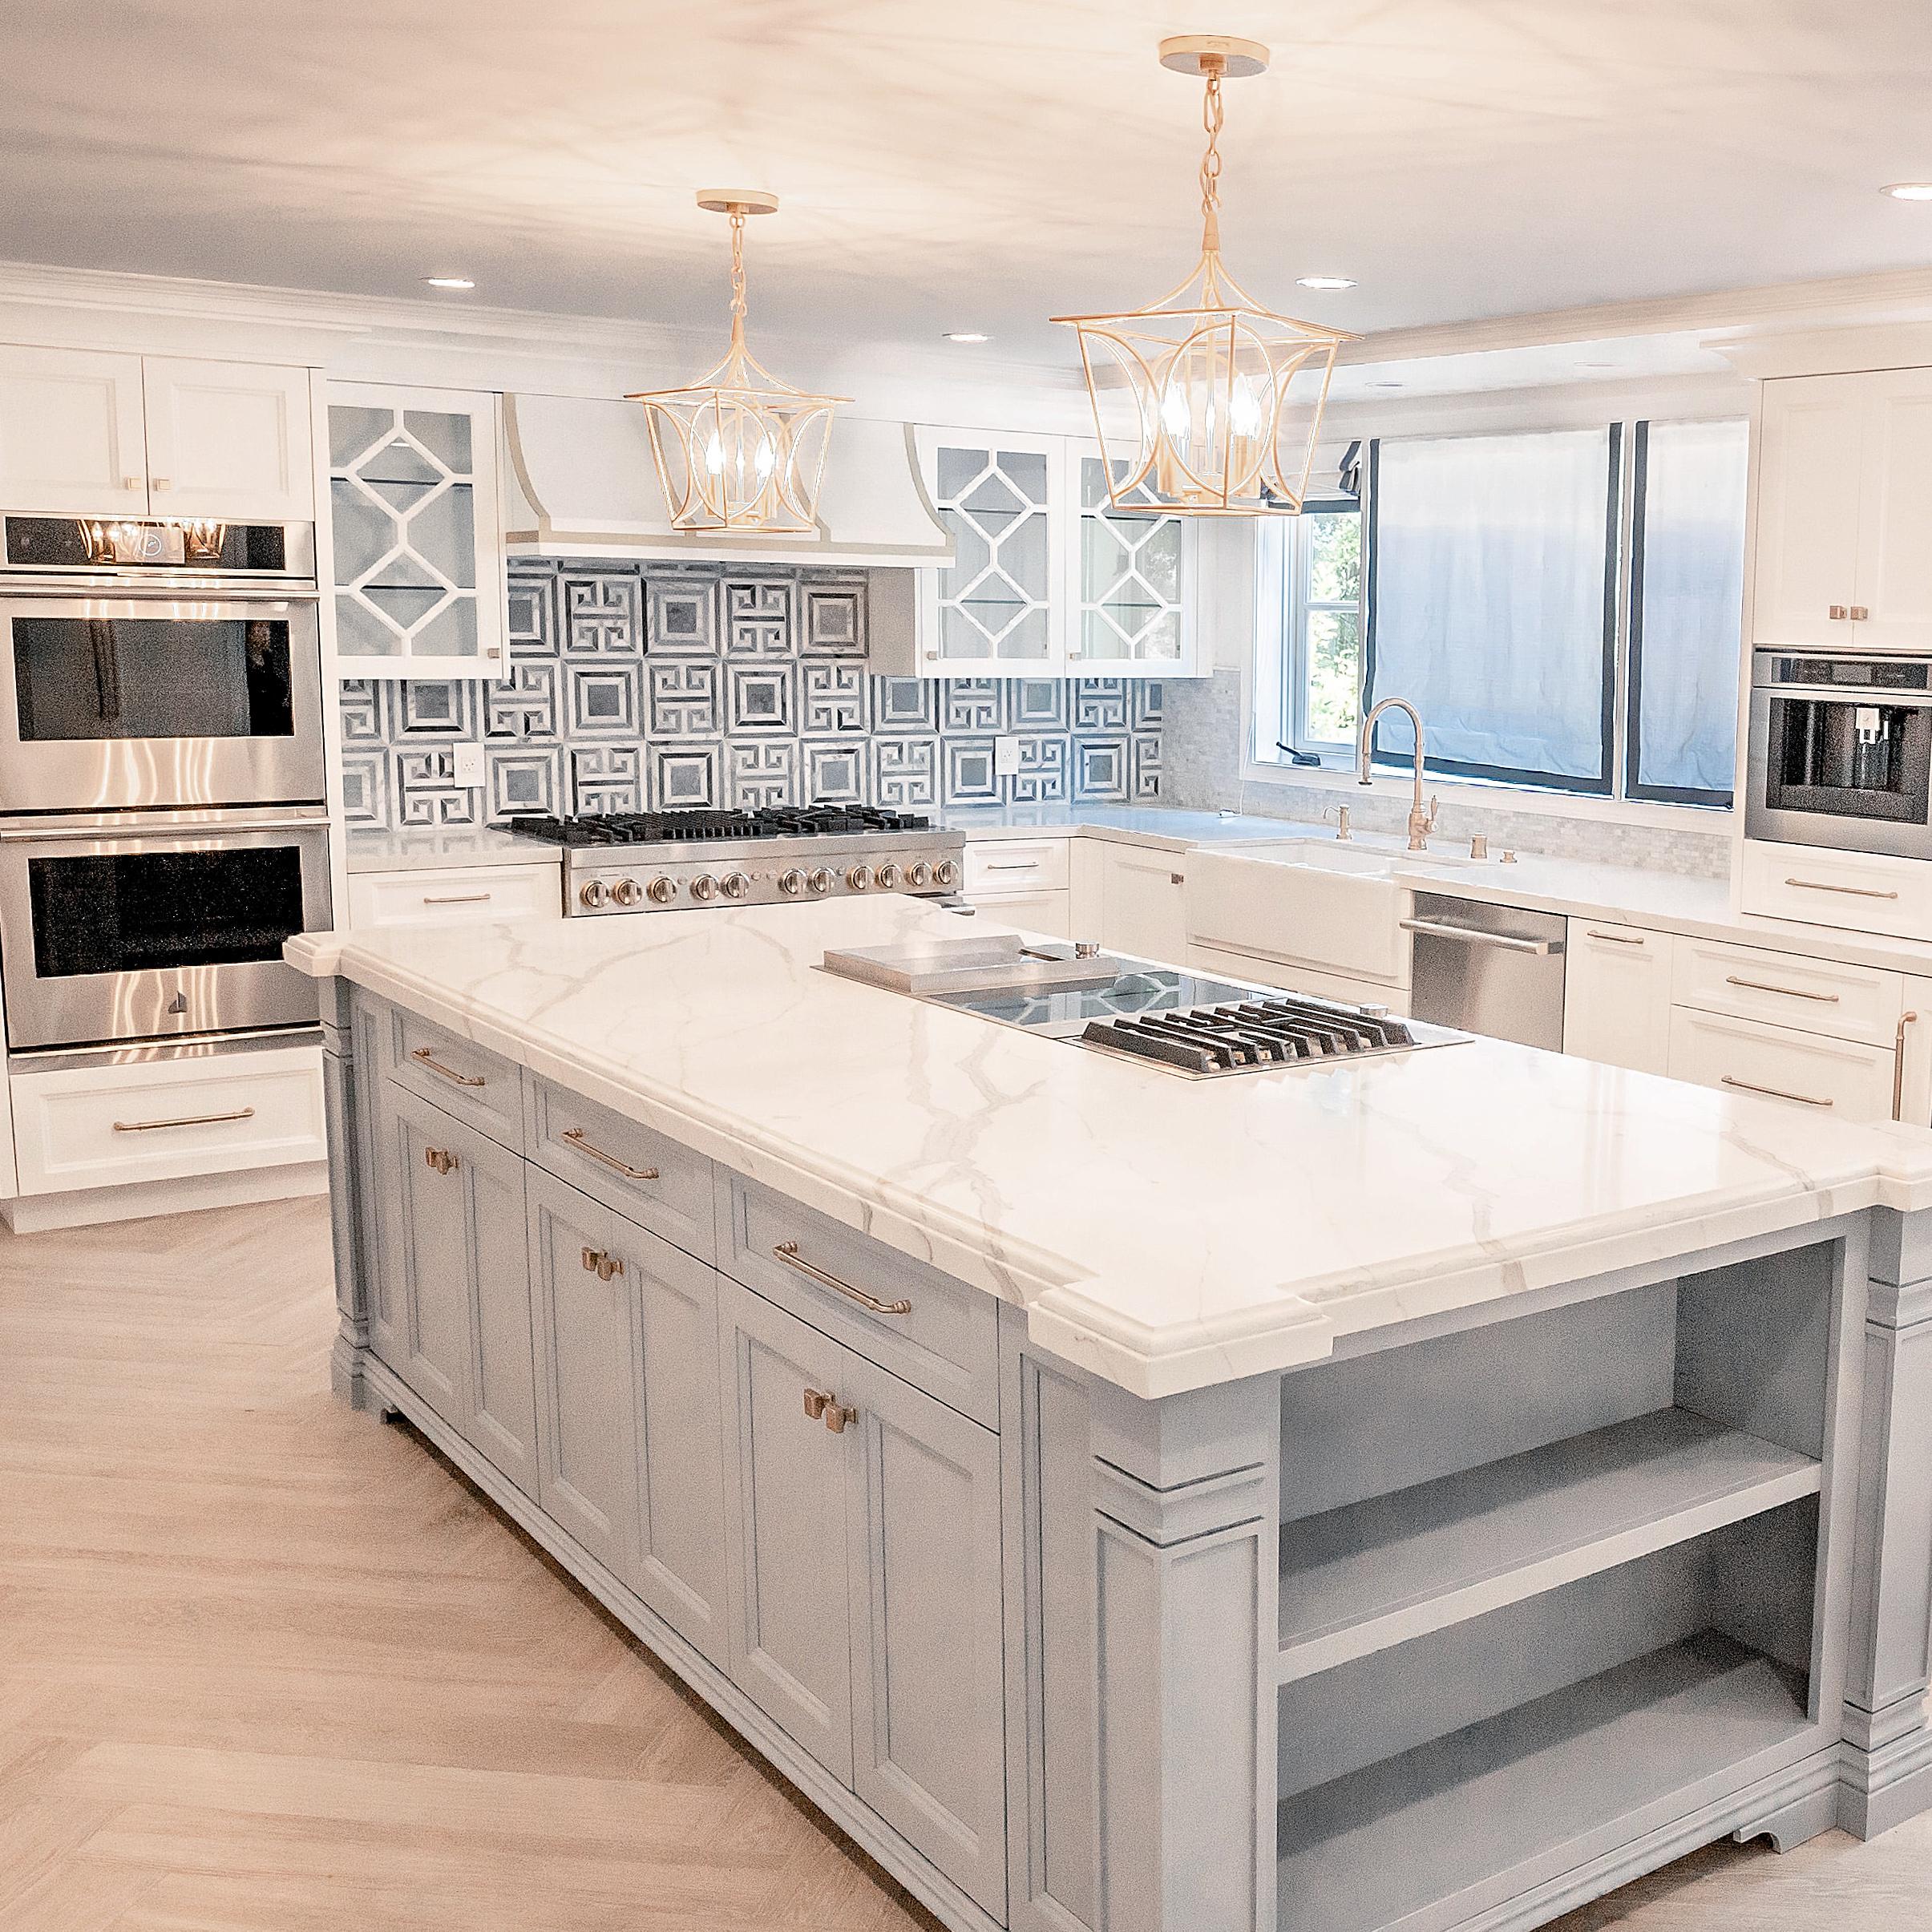 white kitchen with backsplash.jpg